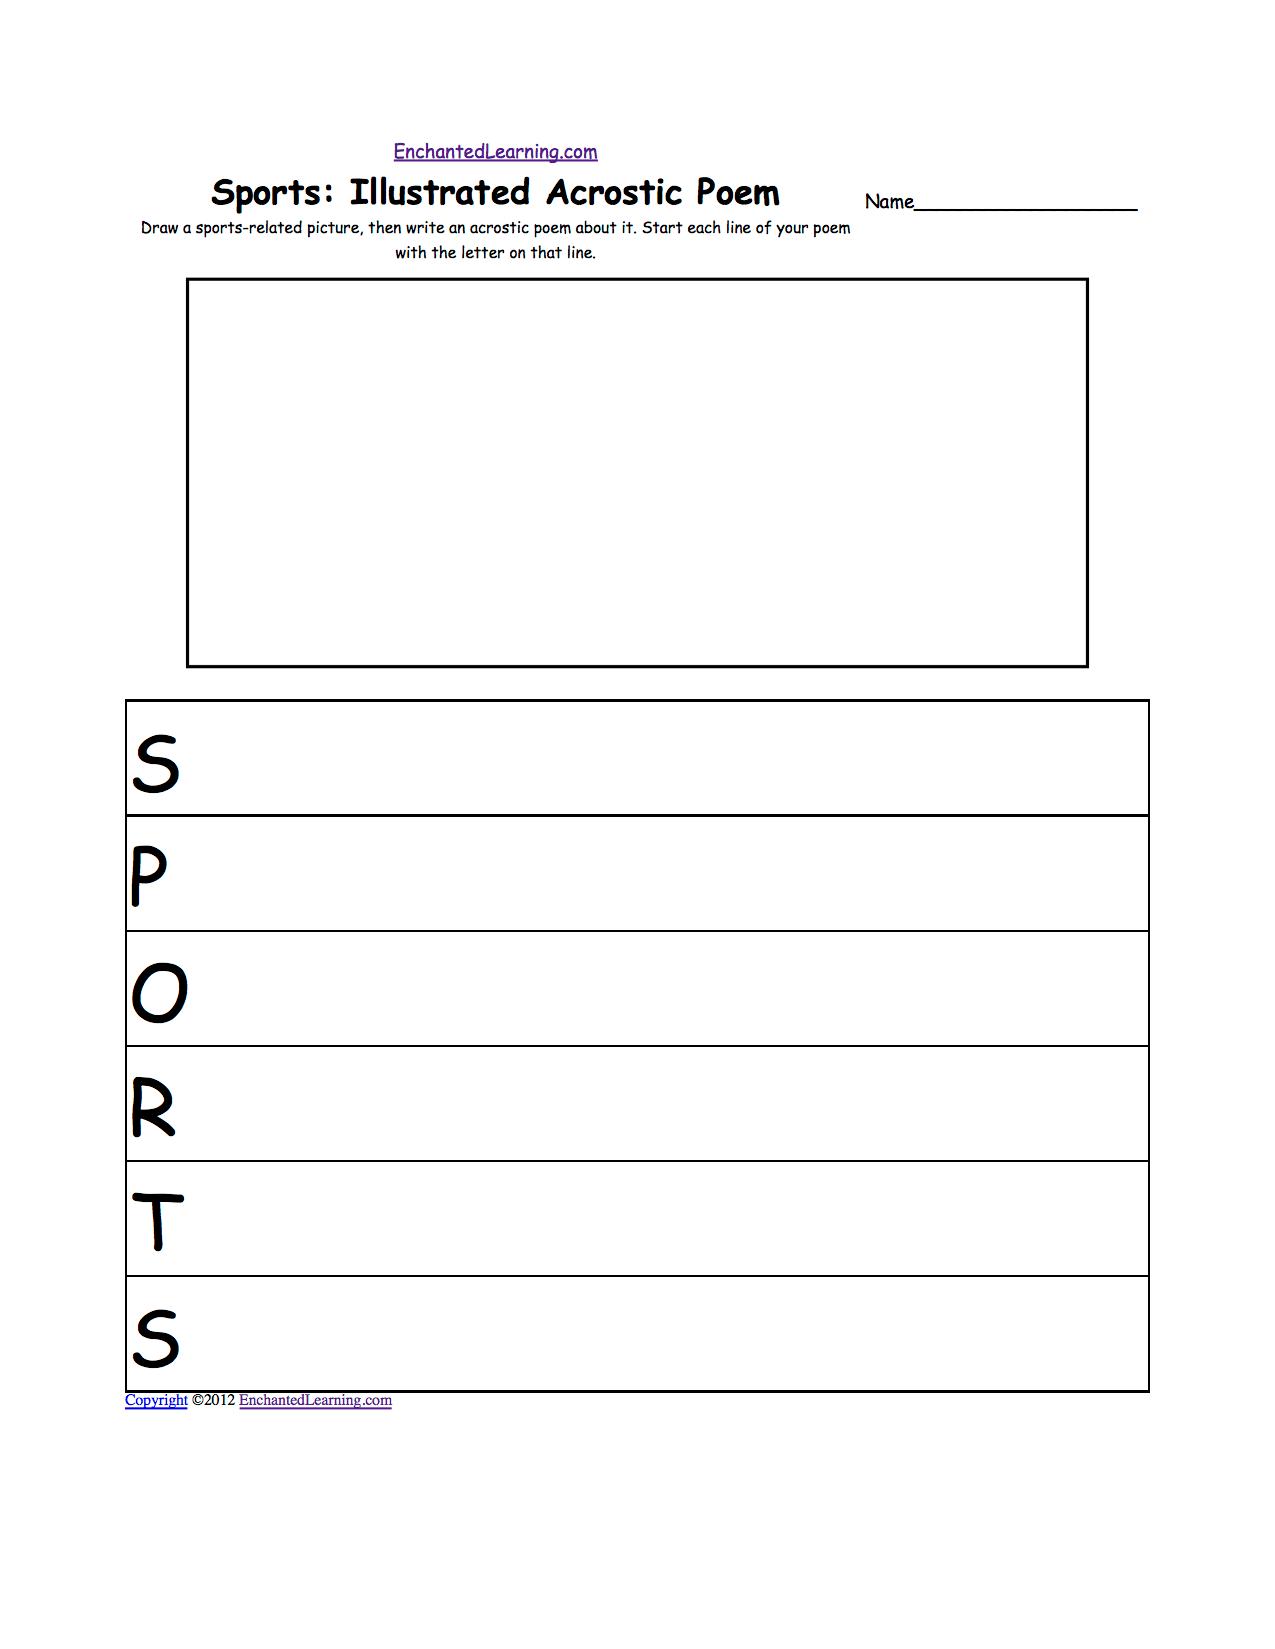 Drawing Worksheets Sports At Enchantedlearning